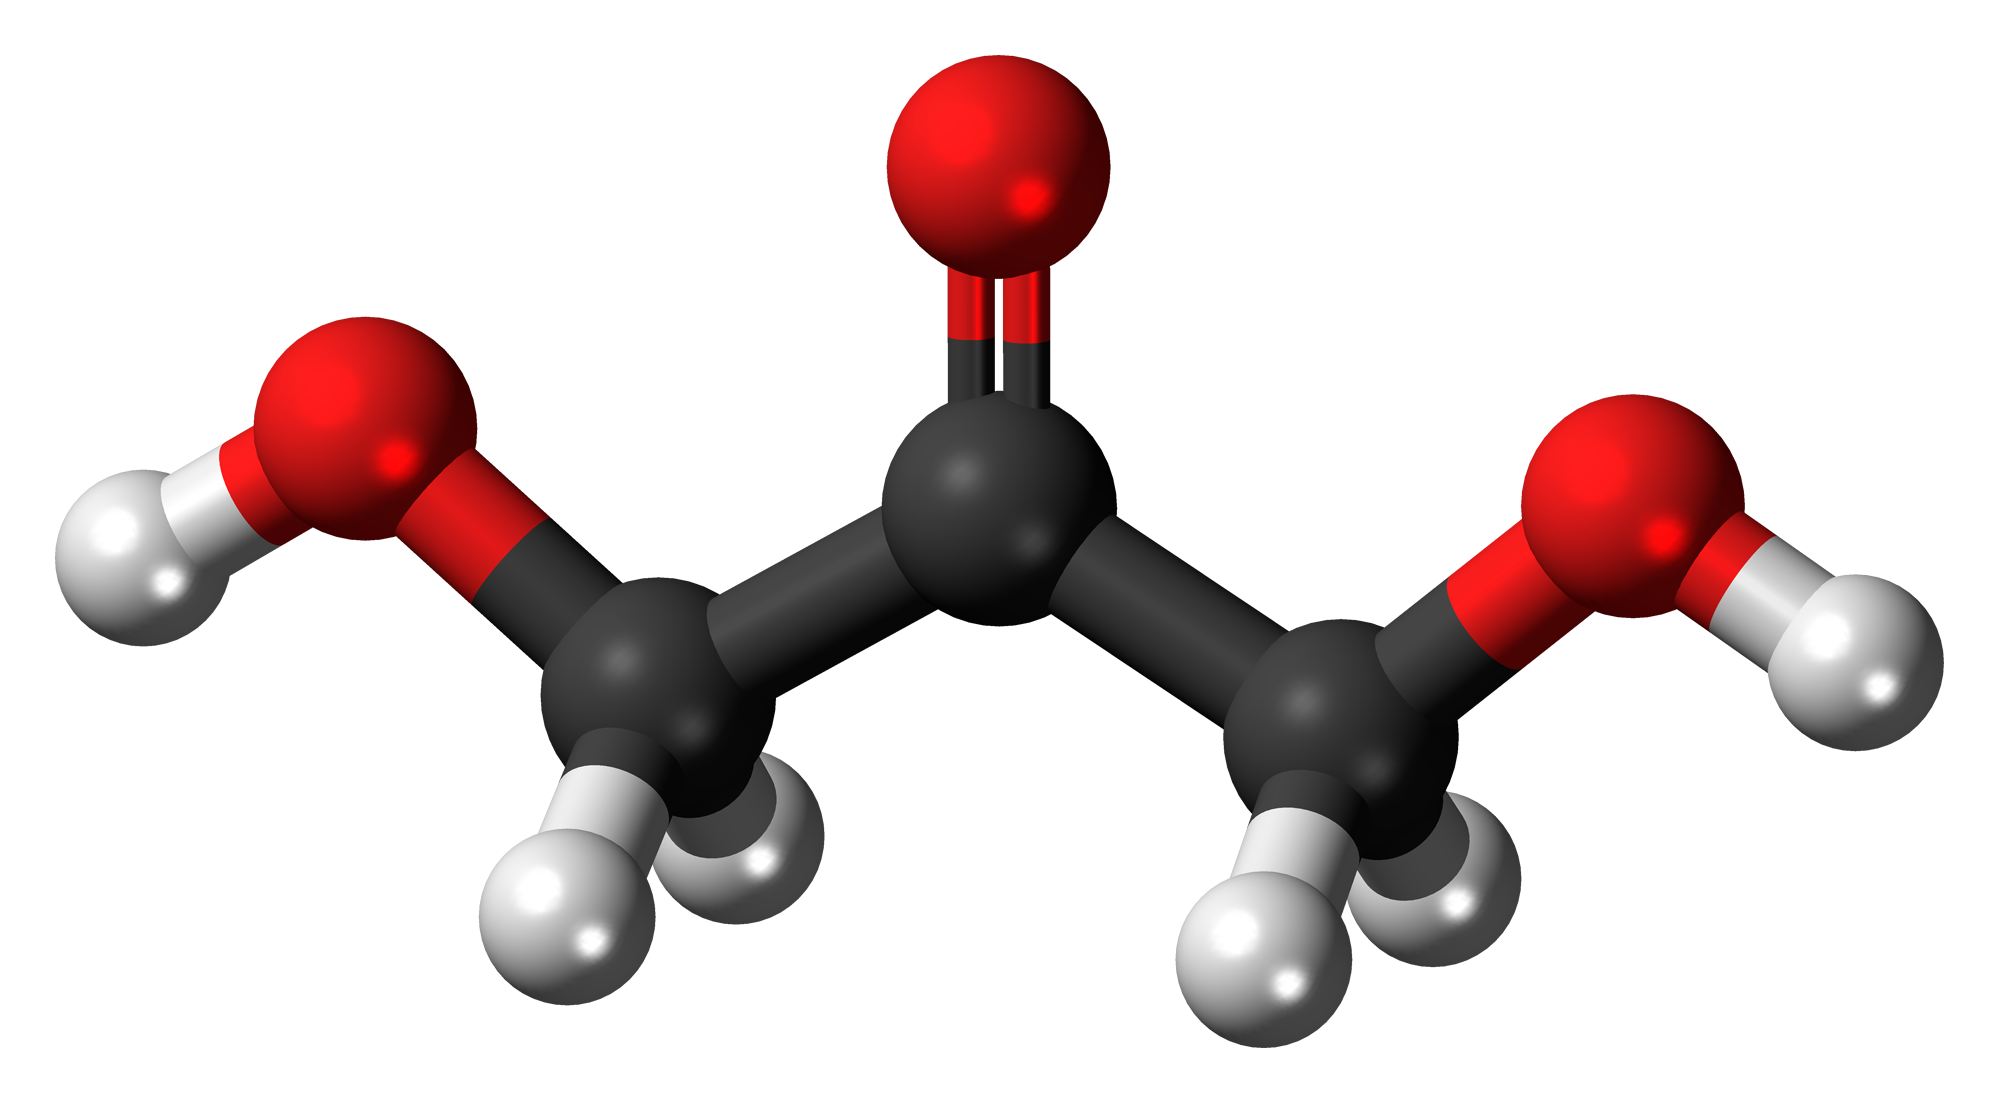 dihydroxyacetone wikipedia